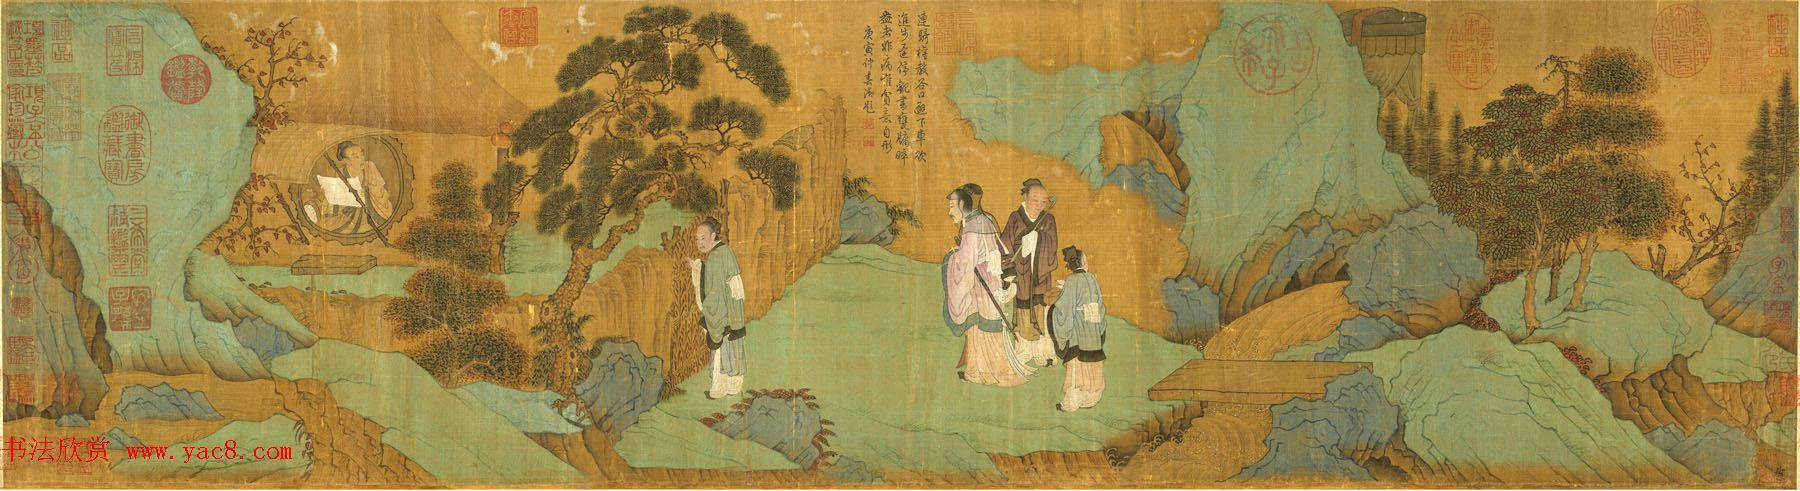 元代趙孟頫書畫作品欣賞《甕牖圖卷》